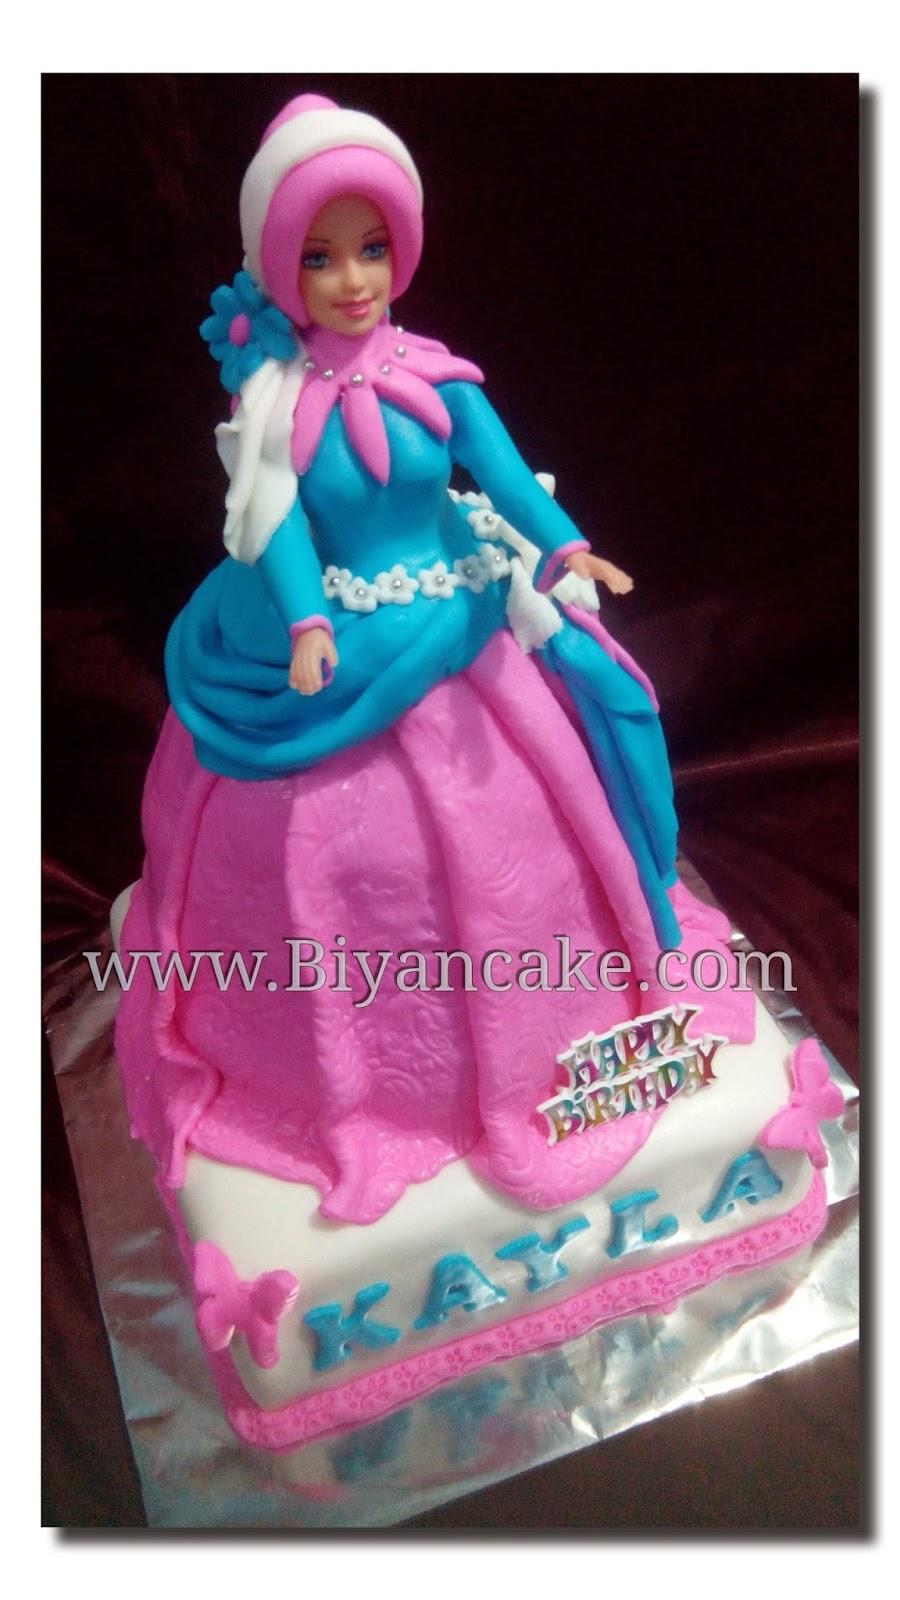 BIyanCakes: Toko Kue Online di bekasi : Barbie cake Muslimah ~ Kayla